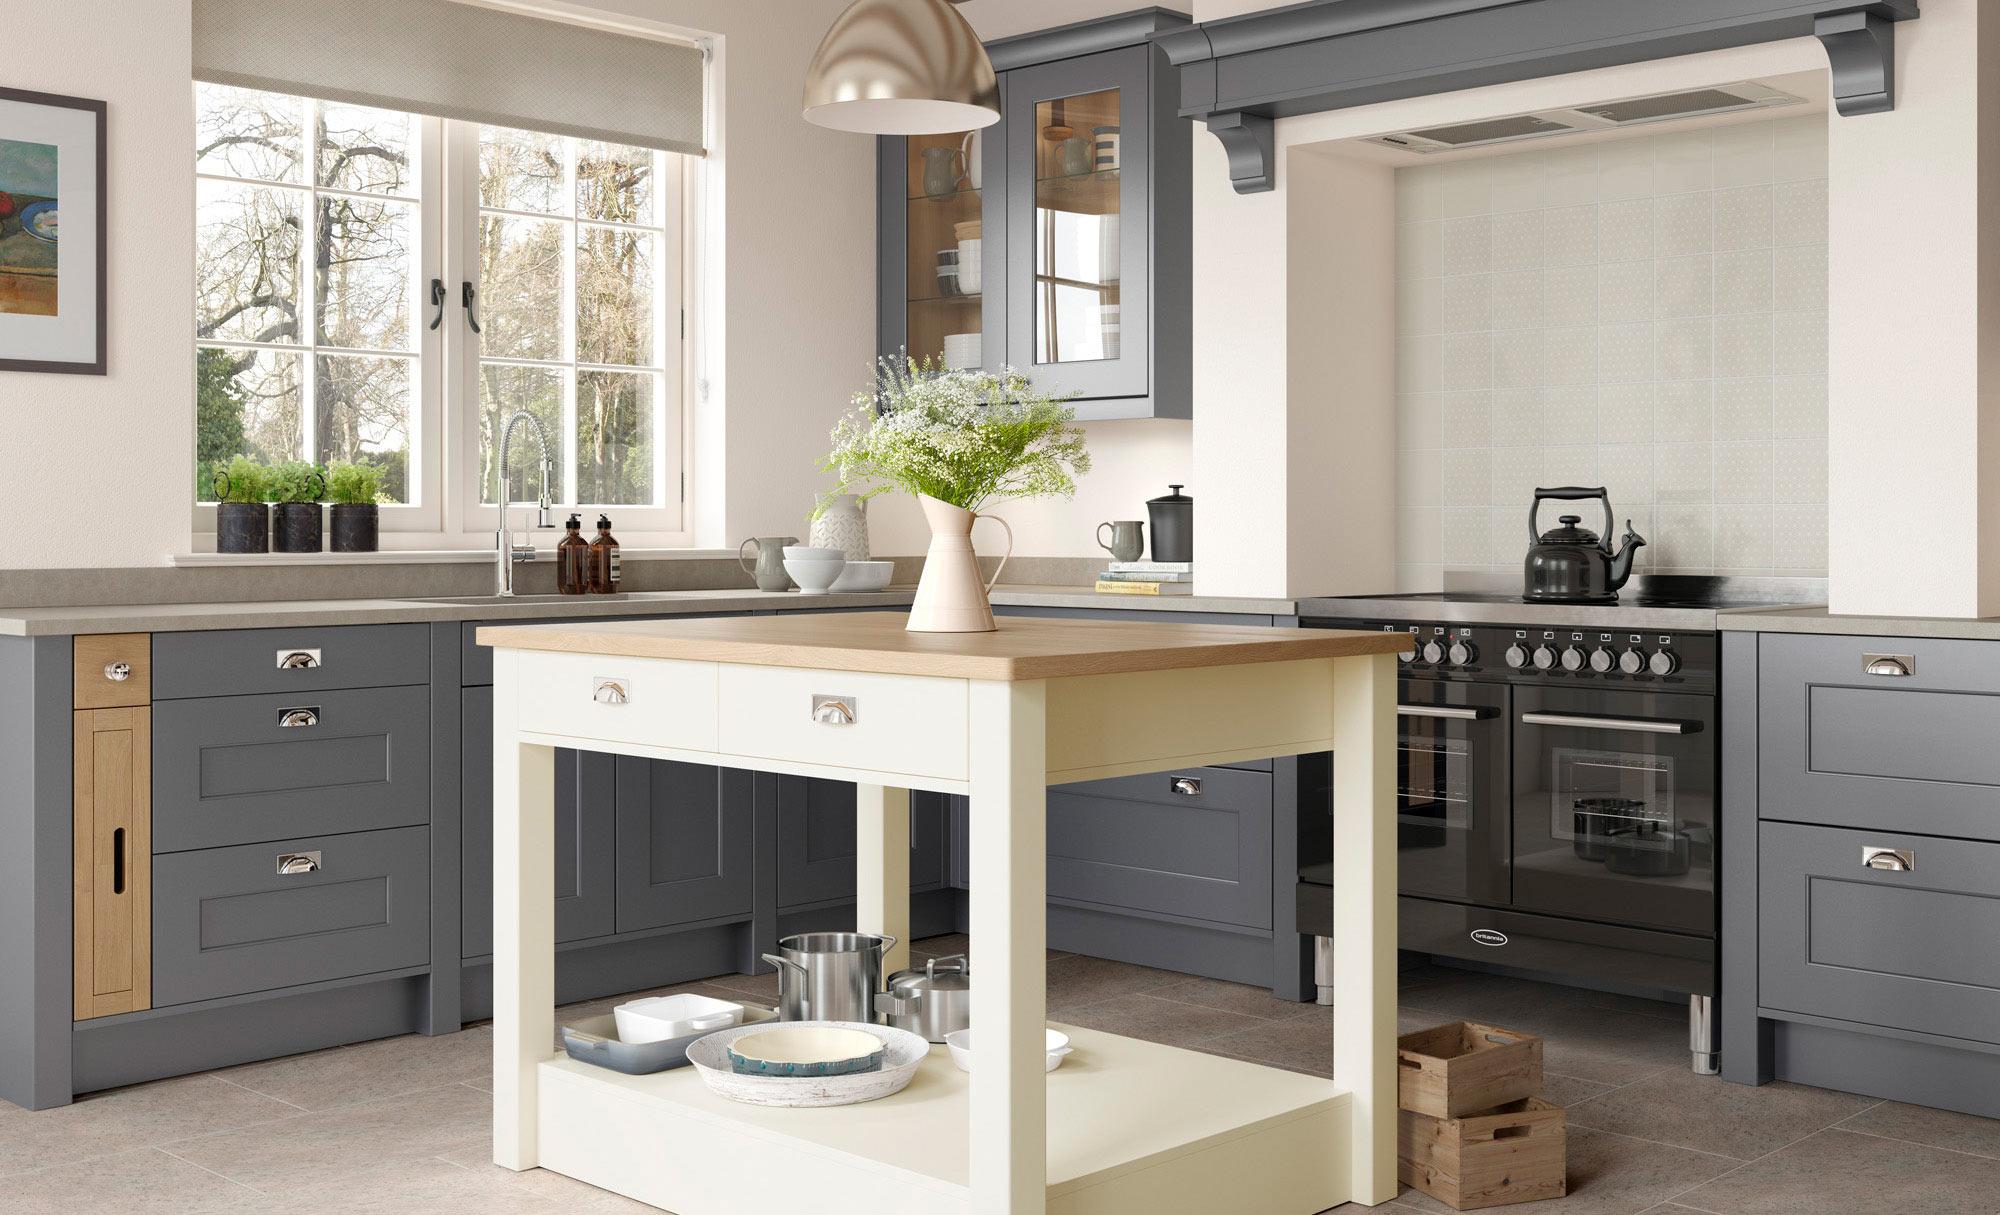 Uform Florence Dust Grey & Porcelain  Kitchen